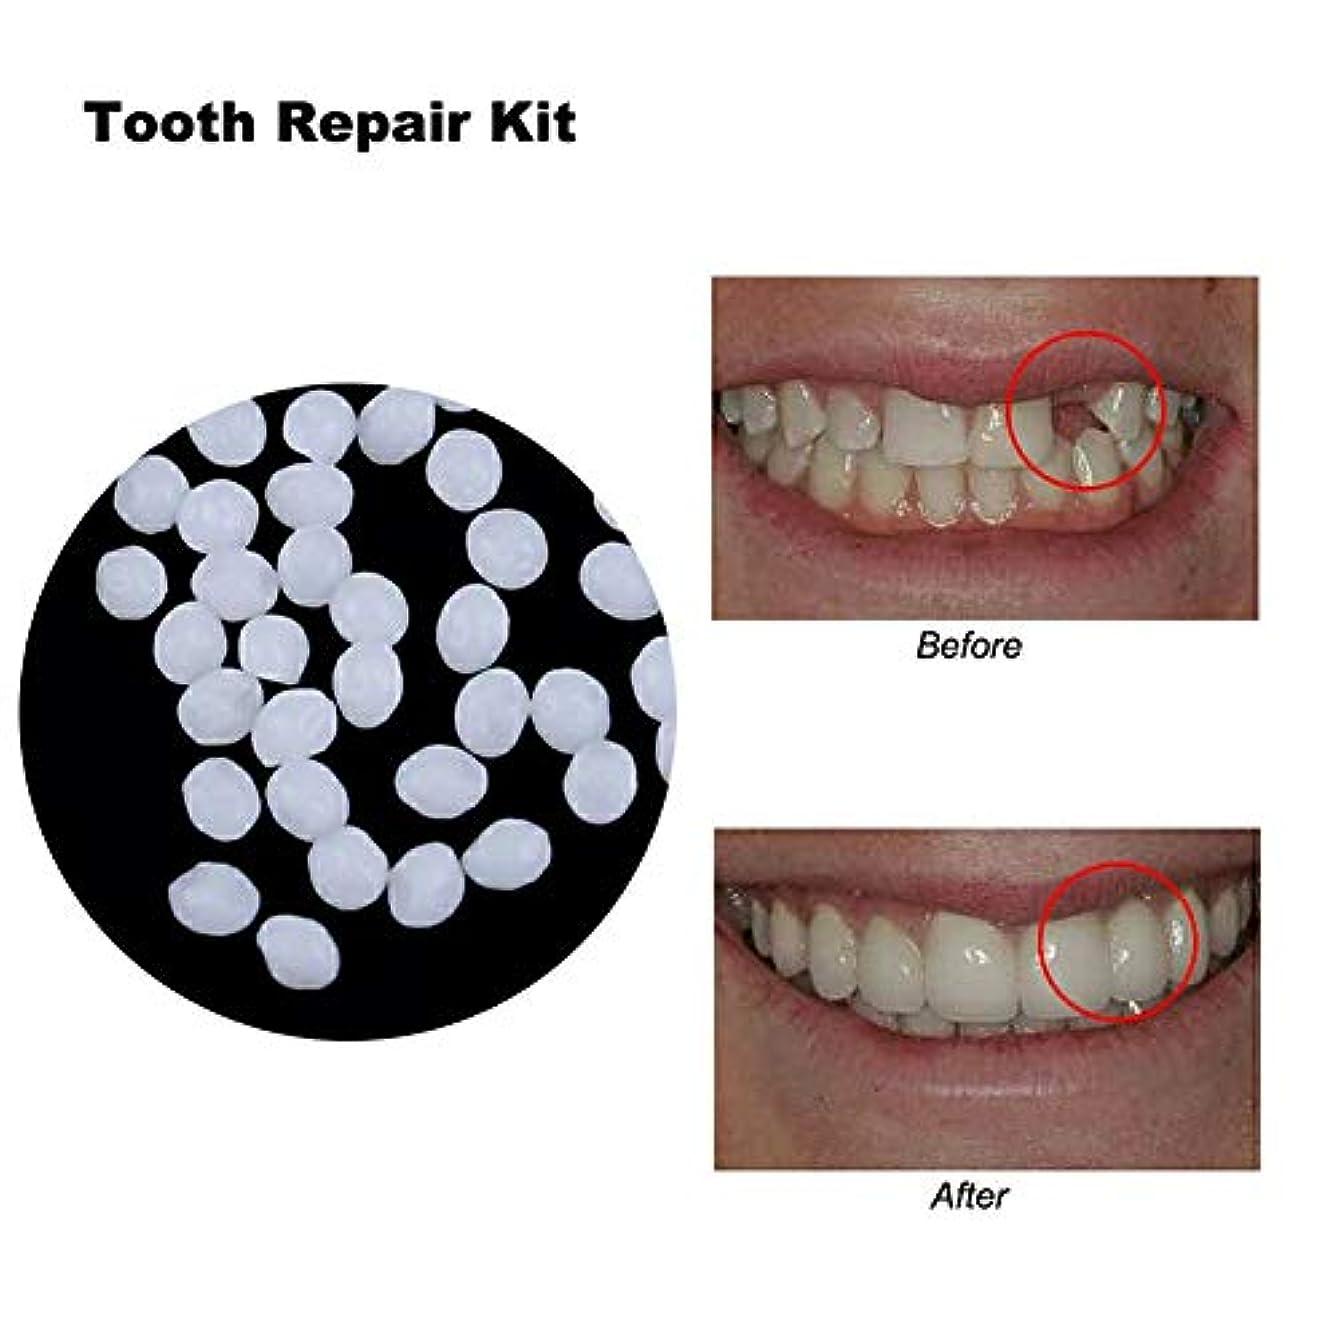 偽歯固体接着剤、樹脂の歯とギャップのための一時的な化粧品の歯の修復キットクリエイティブ義歯接着剤,10ml14g